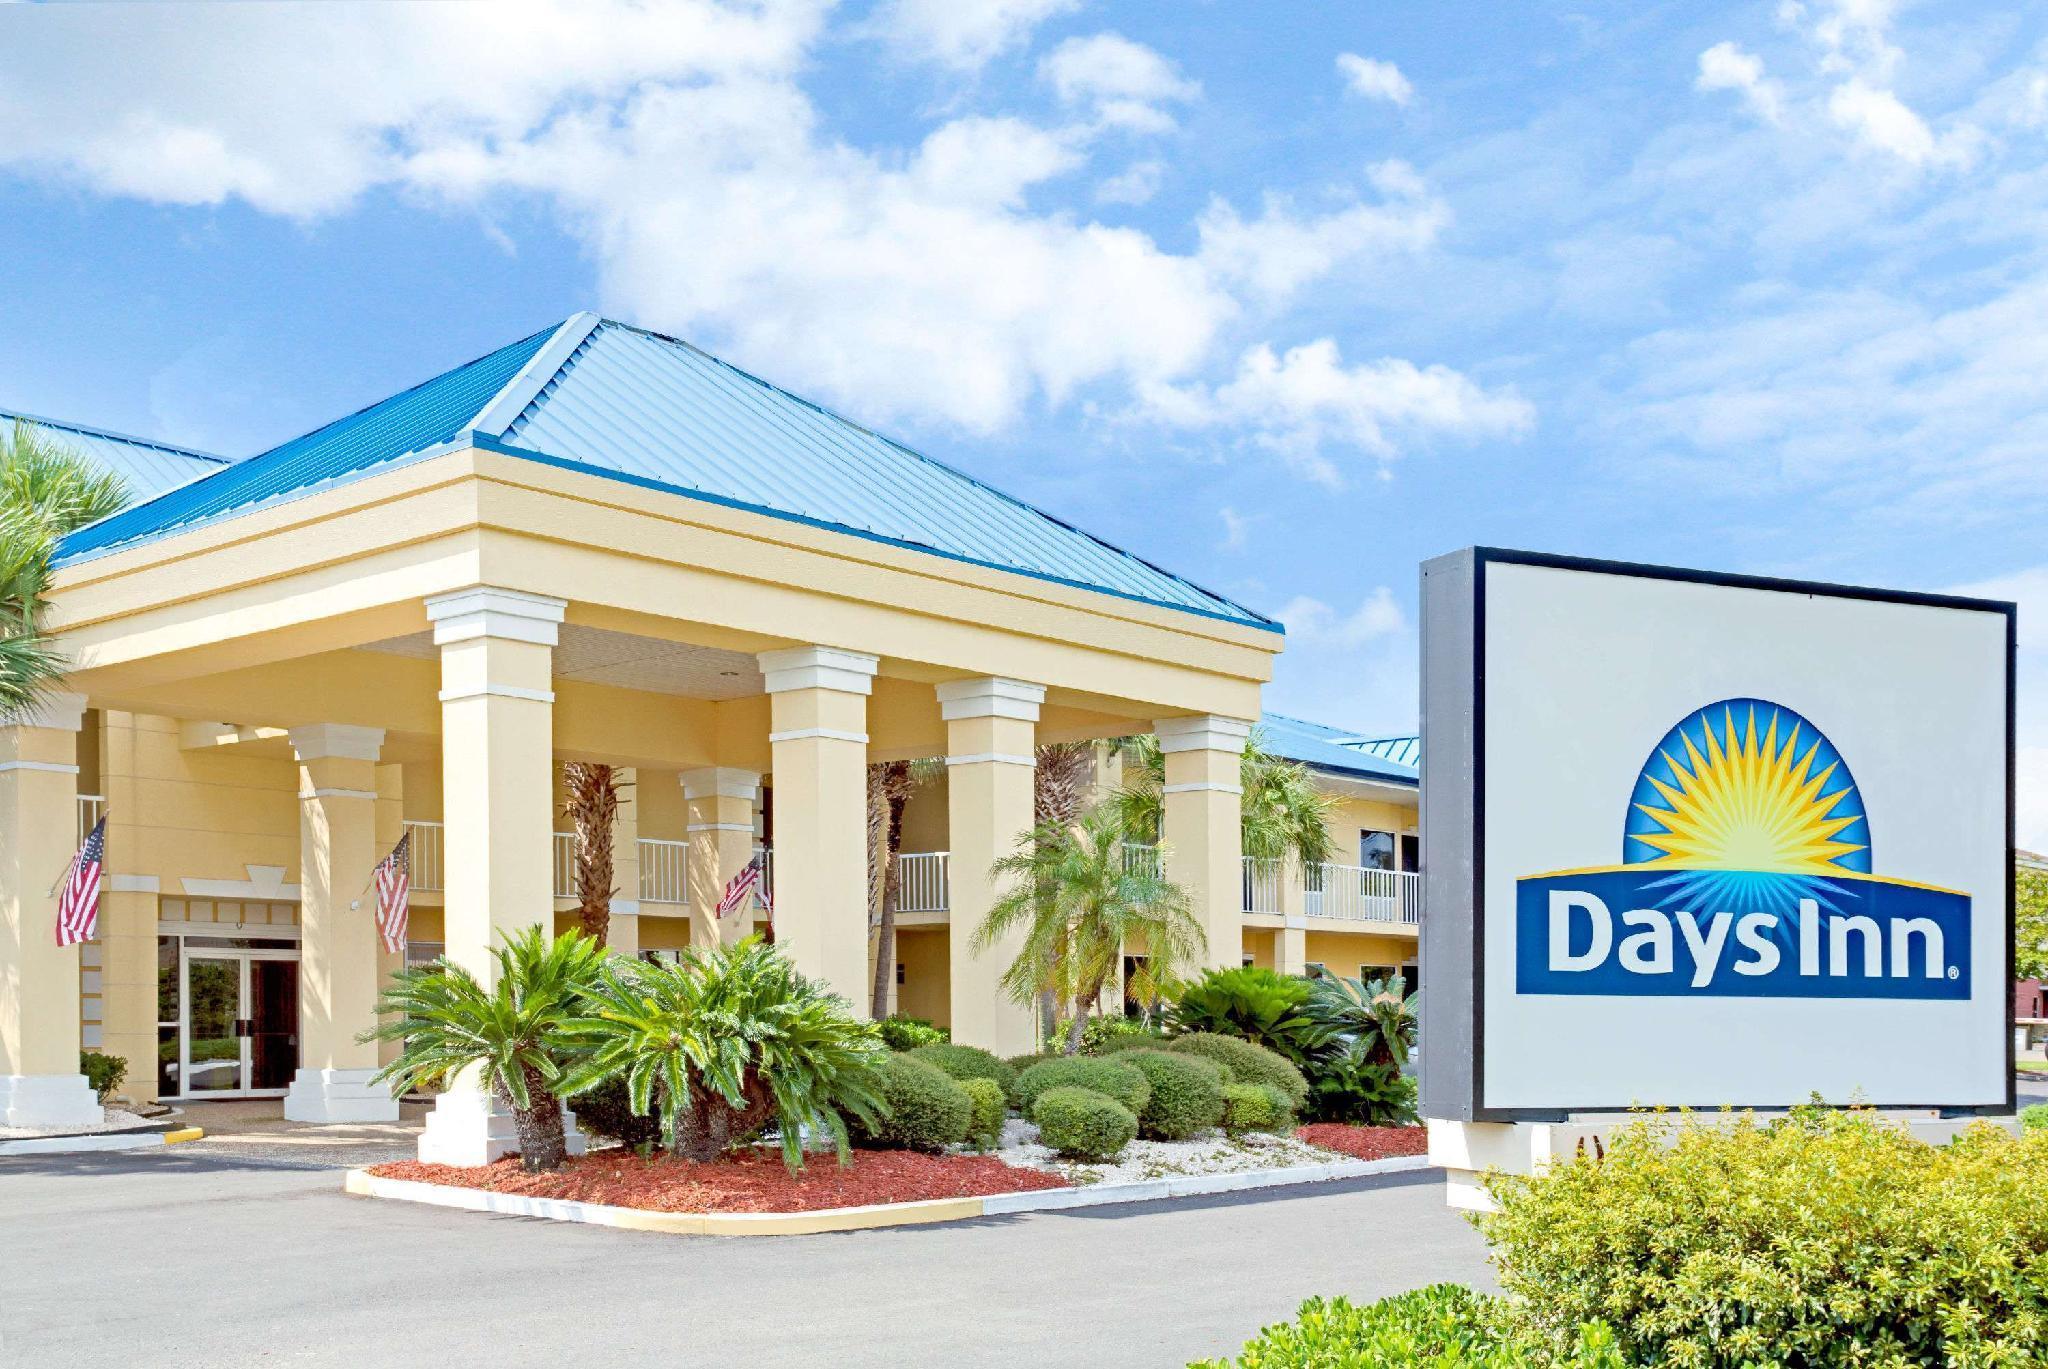 Days Inn By Wyndham Kingsland GA